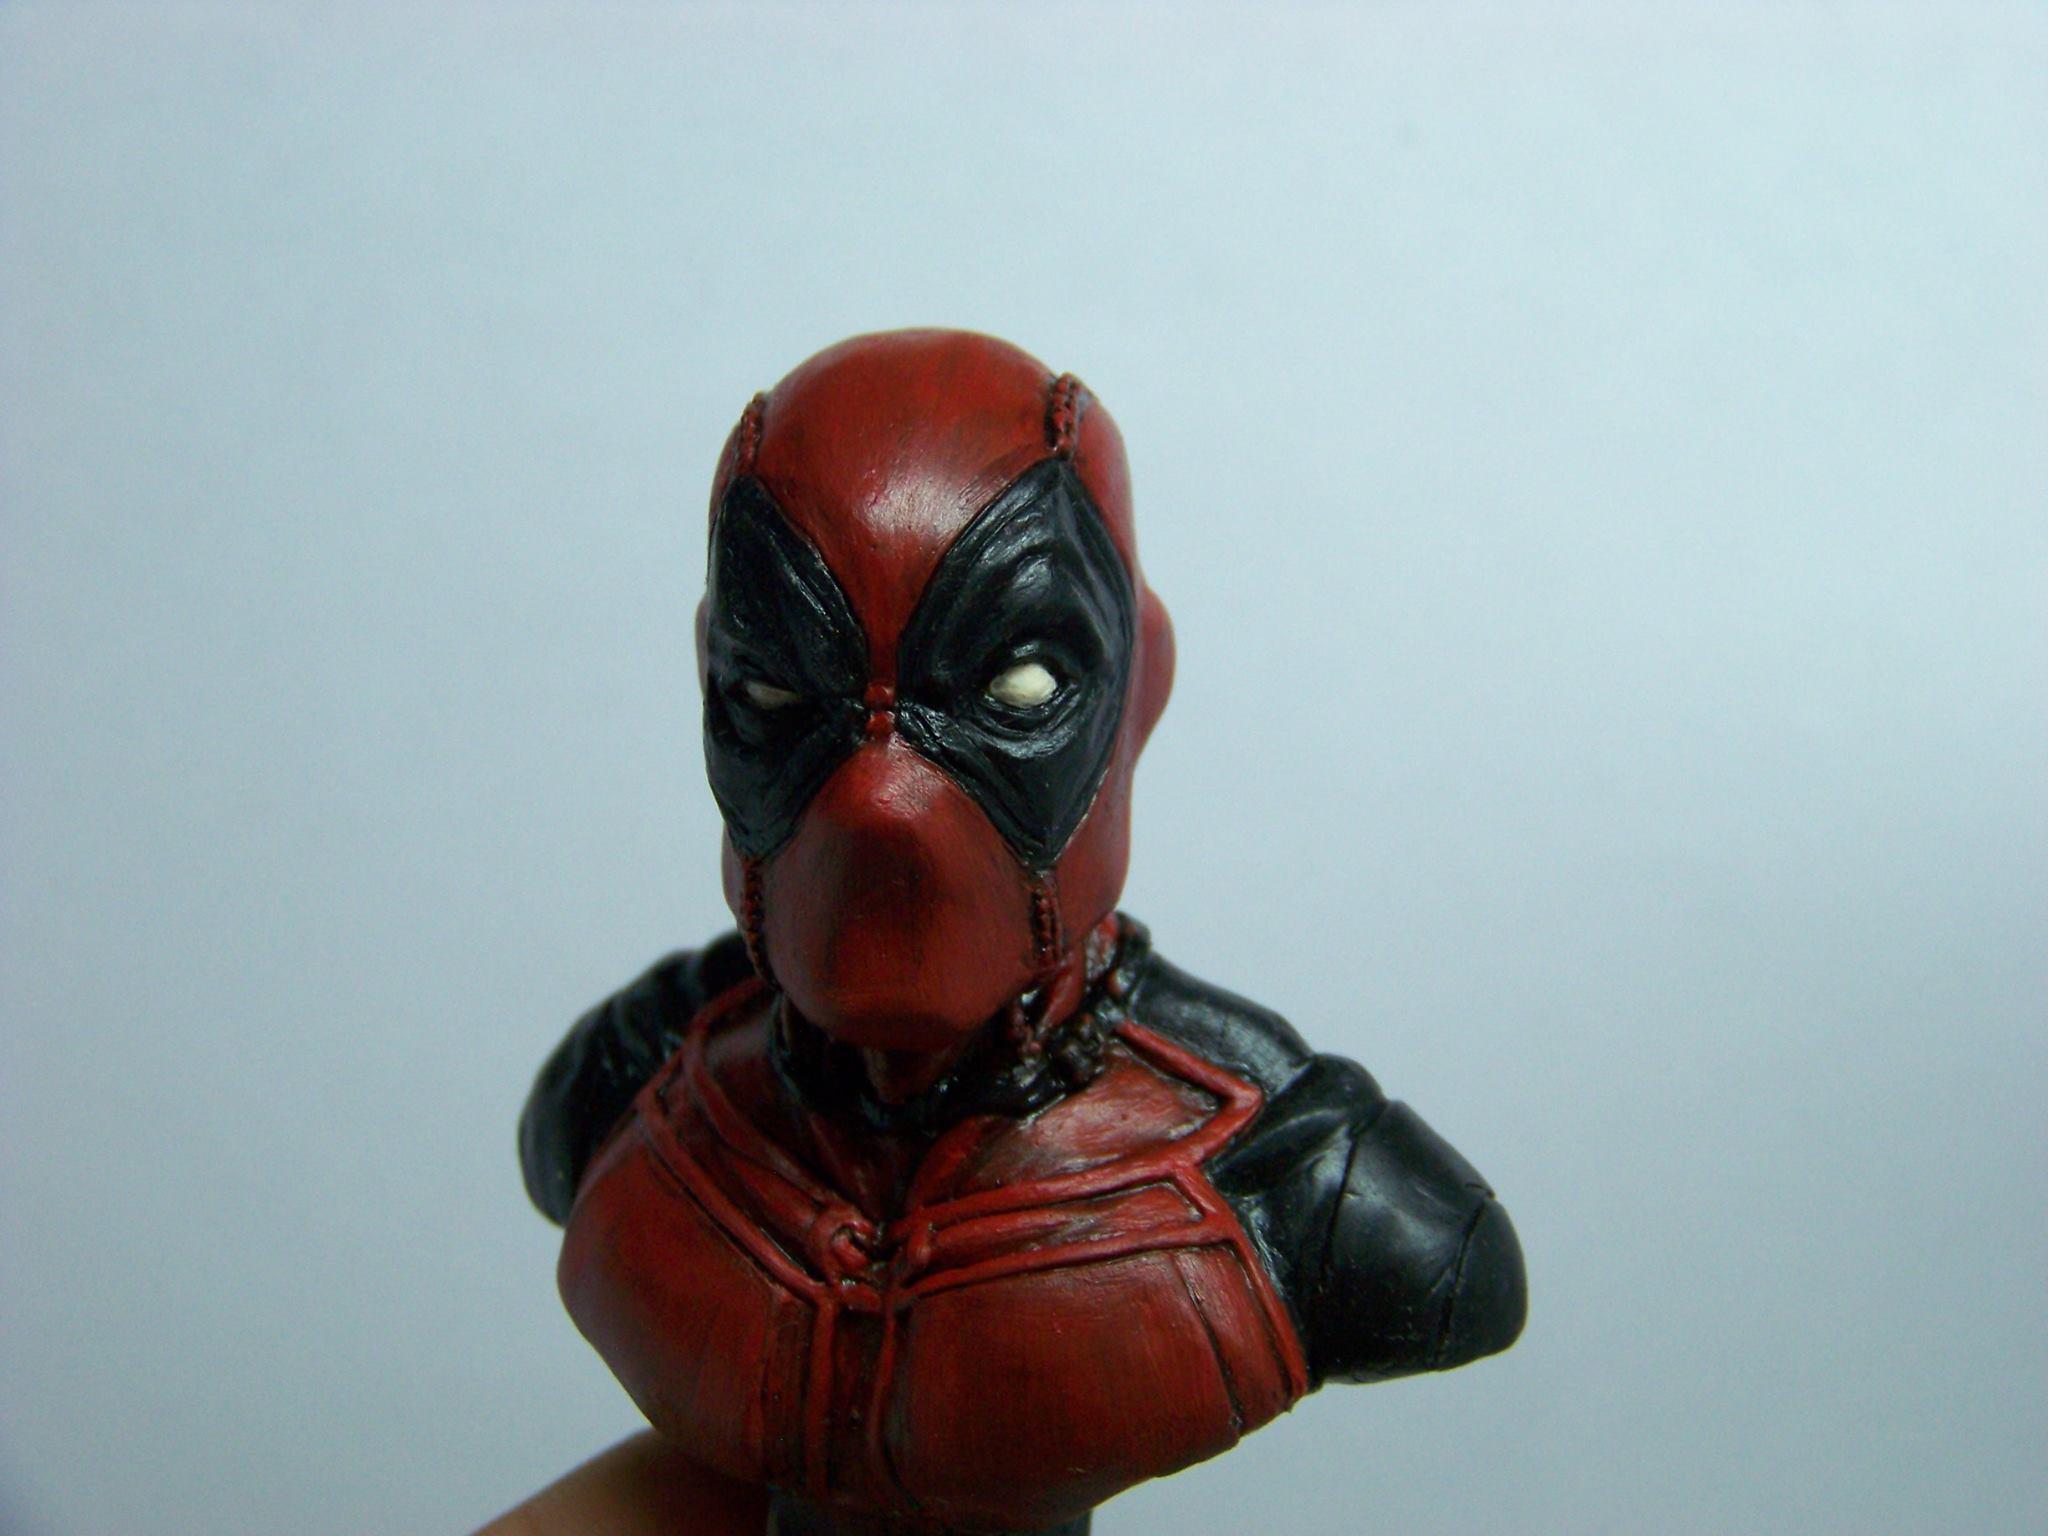 Busto de Deadpool por Isaac Gutiérrez